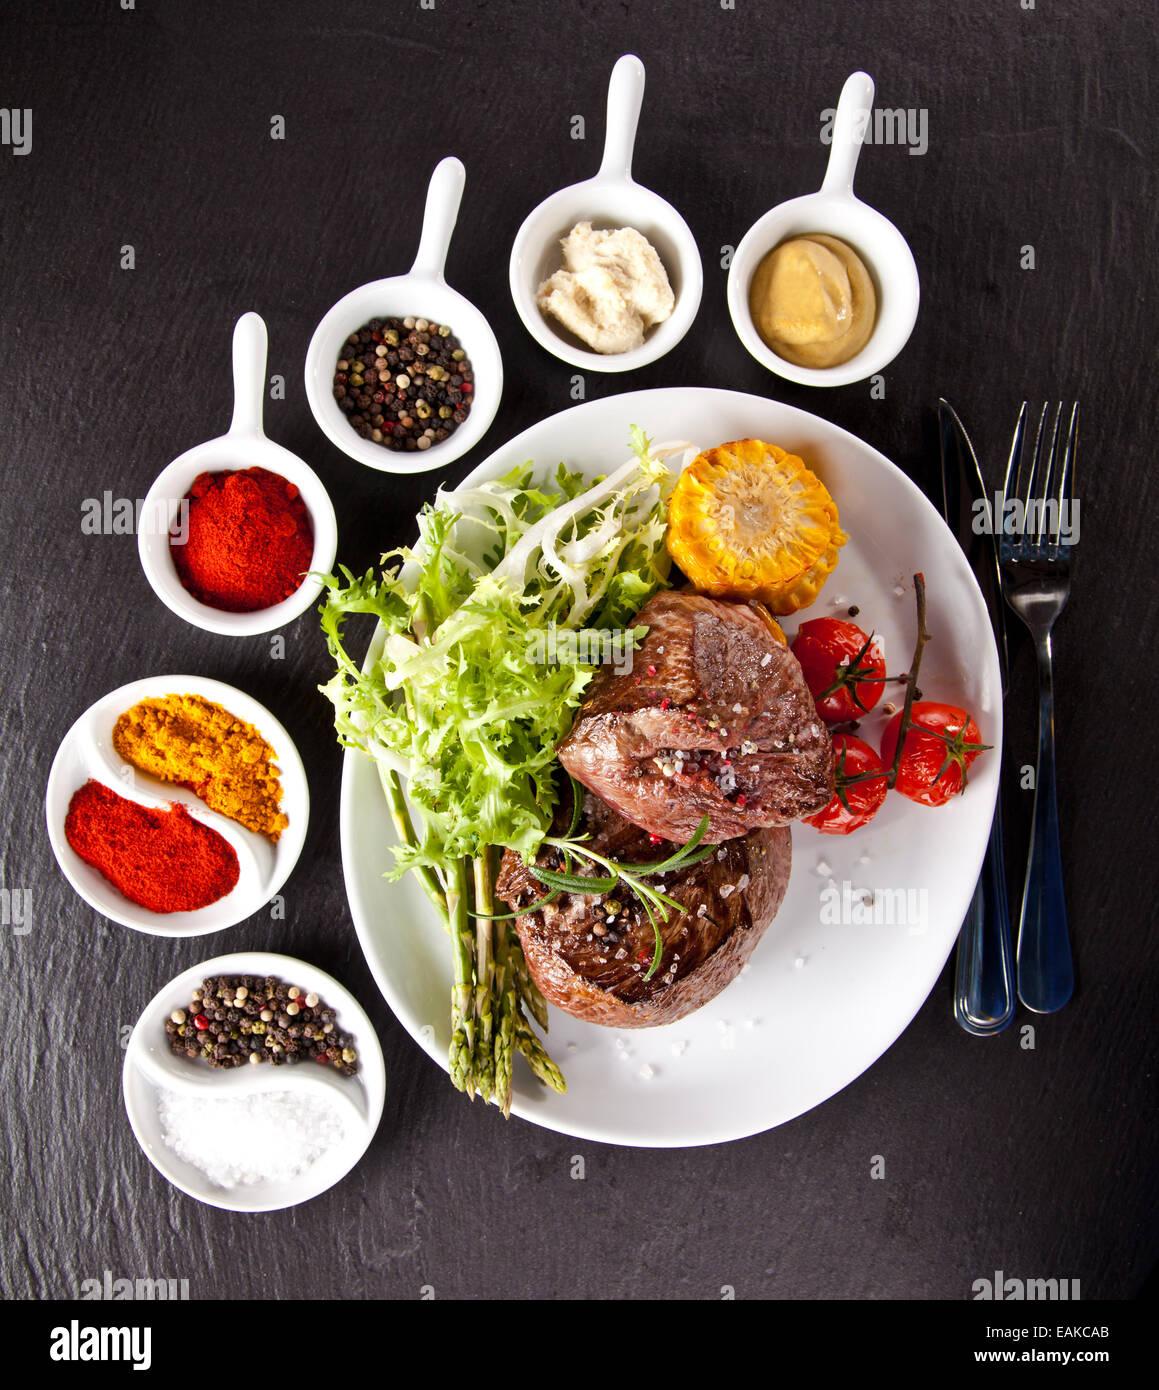 Trozo de carne roja bistec con verduras, hierbas y especias, servido en piedra negra de la superficie. Disparo de Imagen De Stock